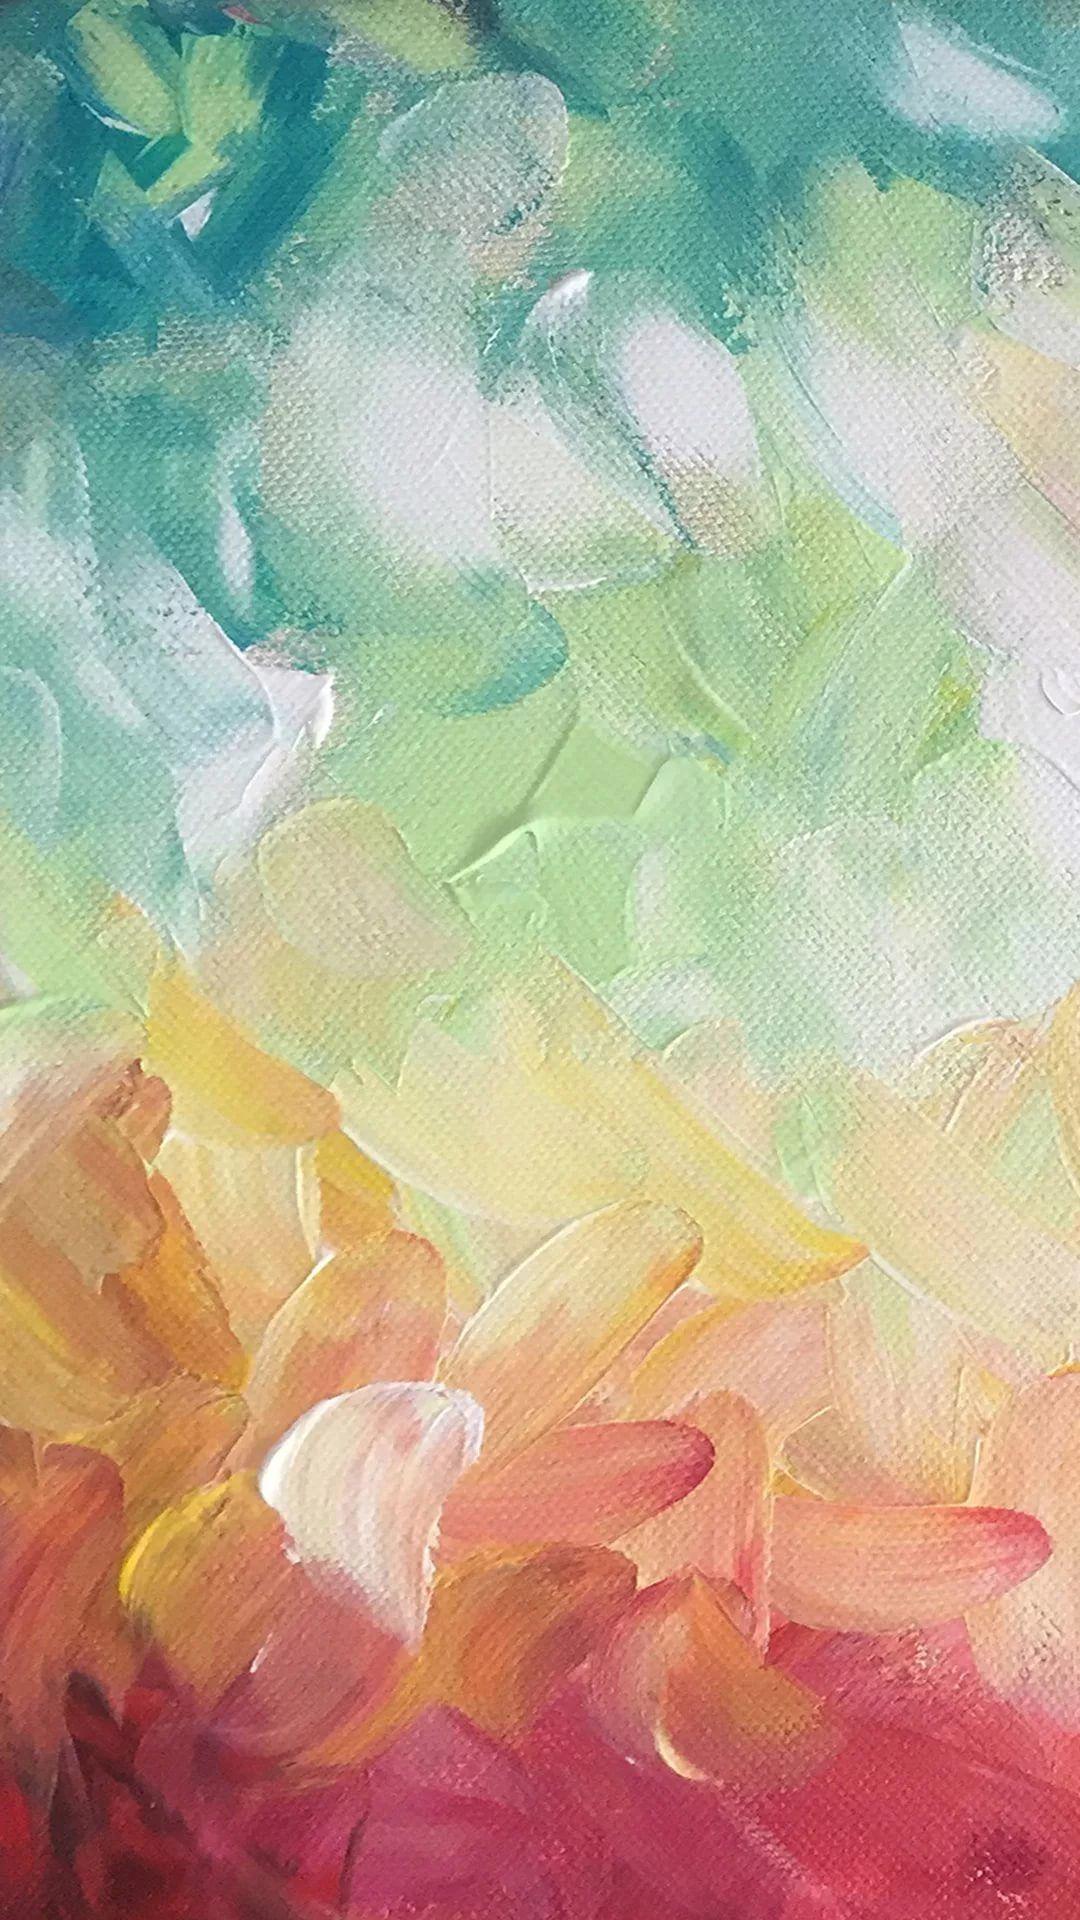 Watercolor phone wallpaper